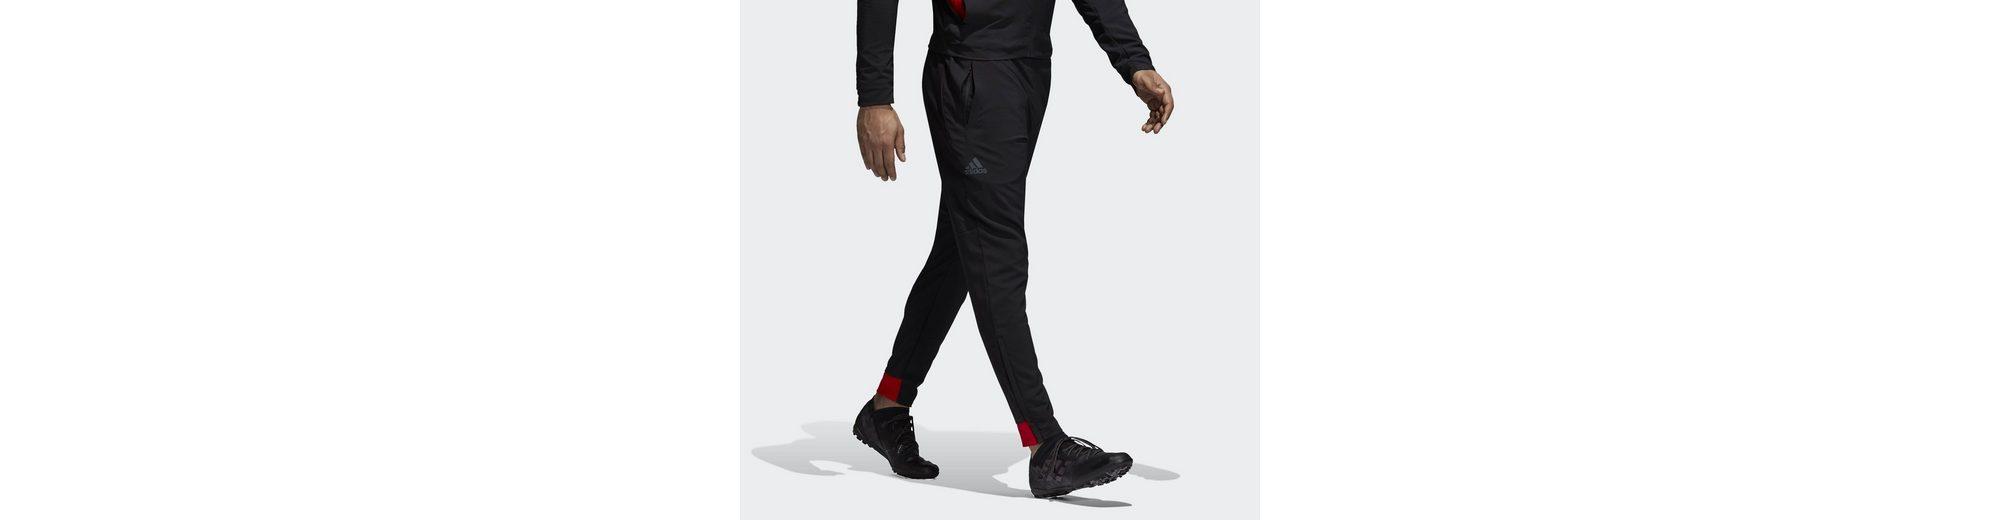 Authentisch adidas Performance Trainingshose Barricade Hose Freies Verschiffen 2018 Neue Erhalten Authentisch MhTjlSPJ4i